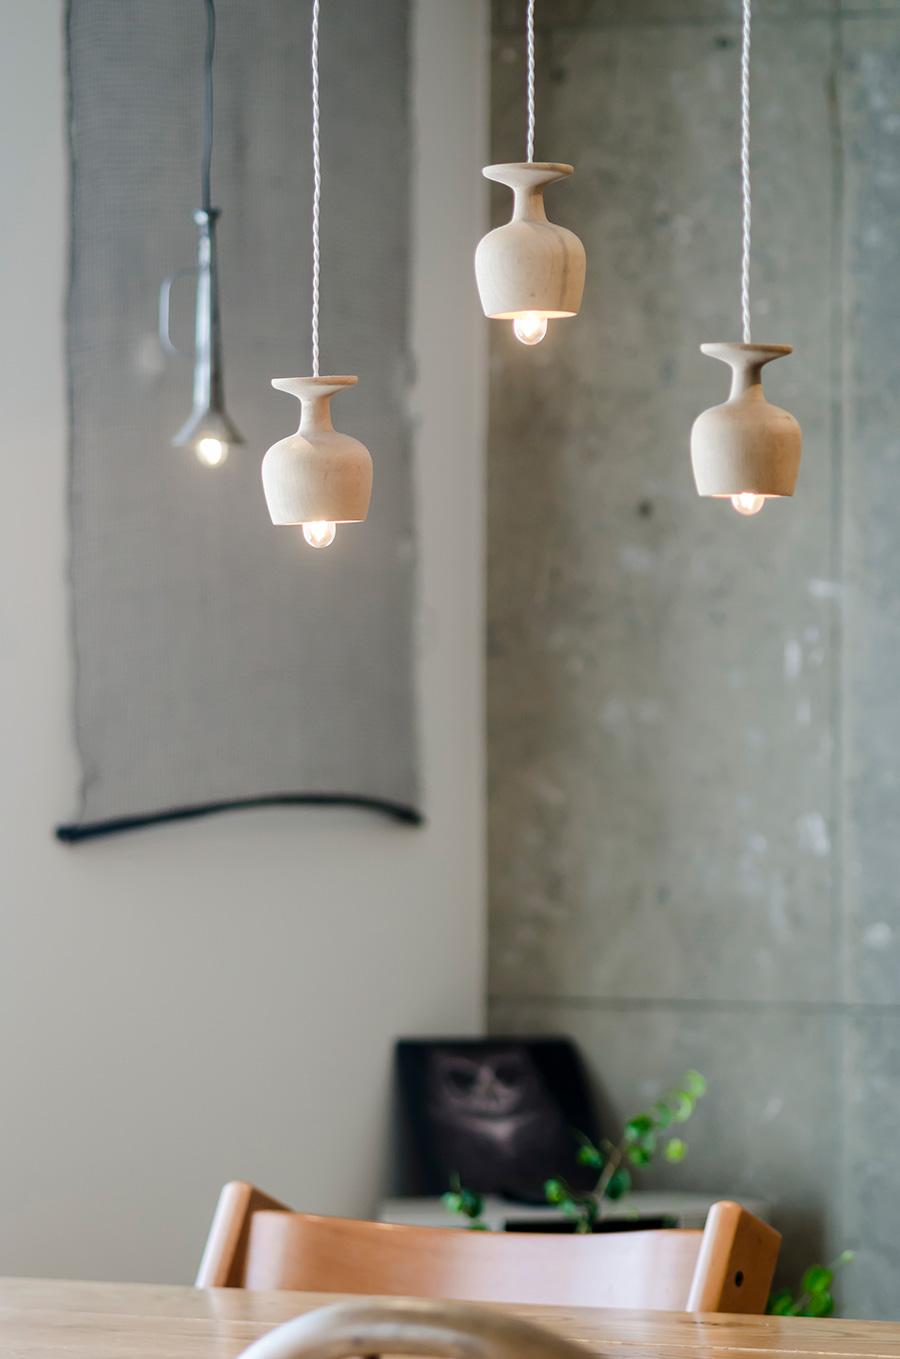 ロウソクの燭台をリメイクした照明は古賀秀幸さん作。